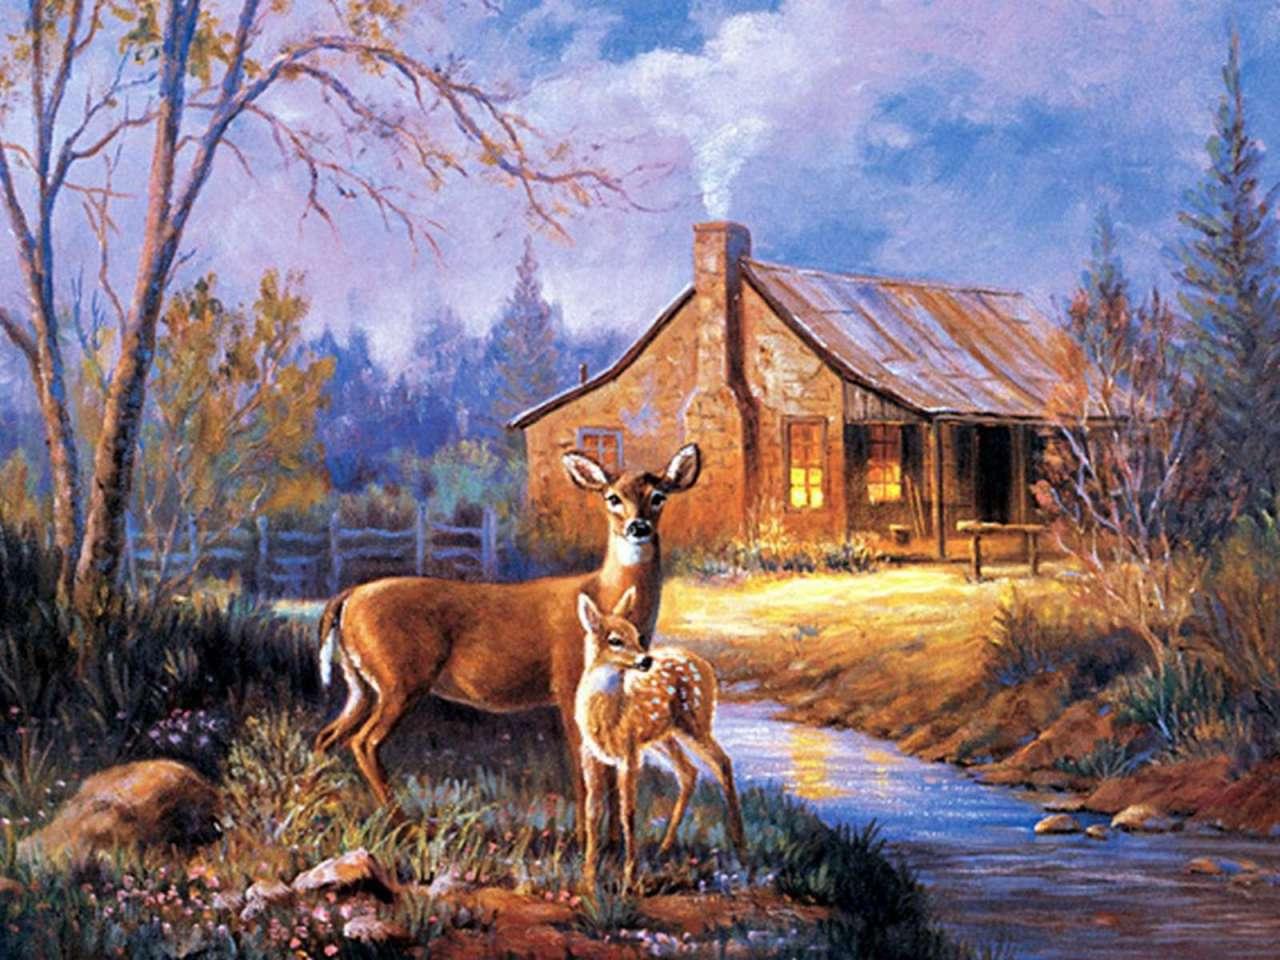 brian deer wallpapers deer wallpaper whitetail deer wallpaper deer